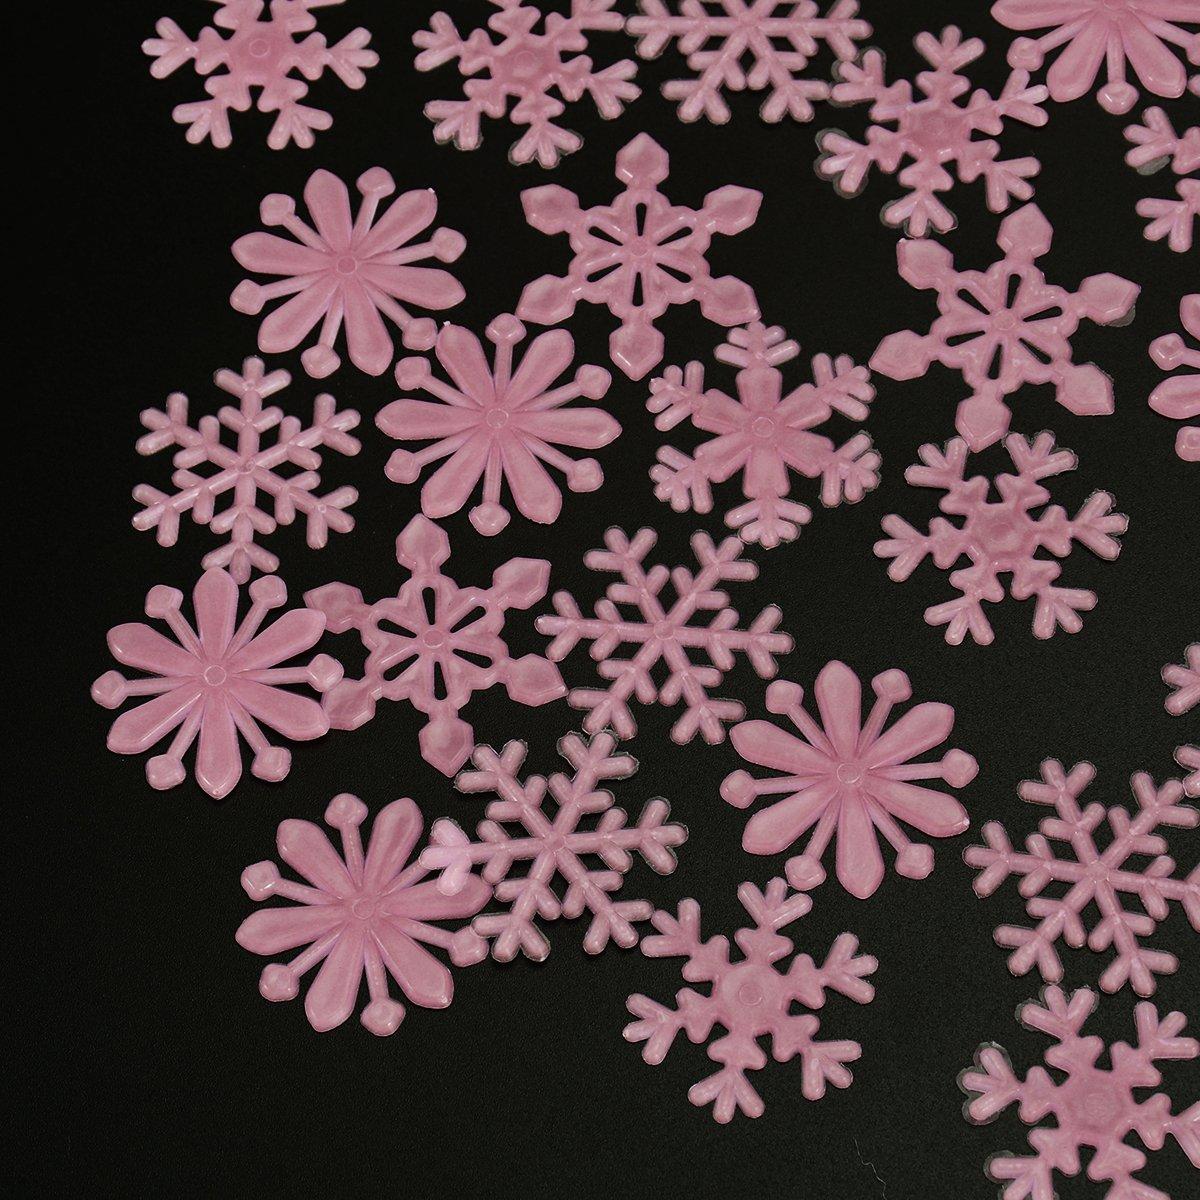 100 Stck 3D Schneeflocke Leuchtend Fluoreszierend DIY Wand Aufkleber